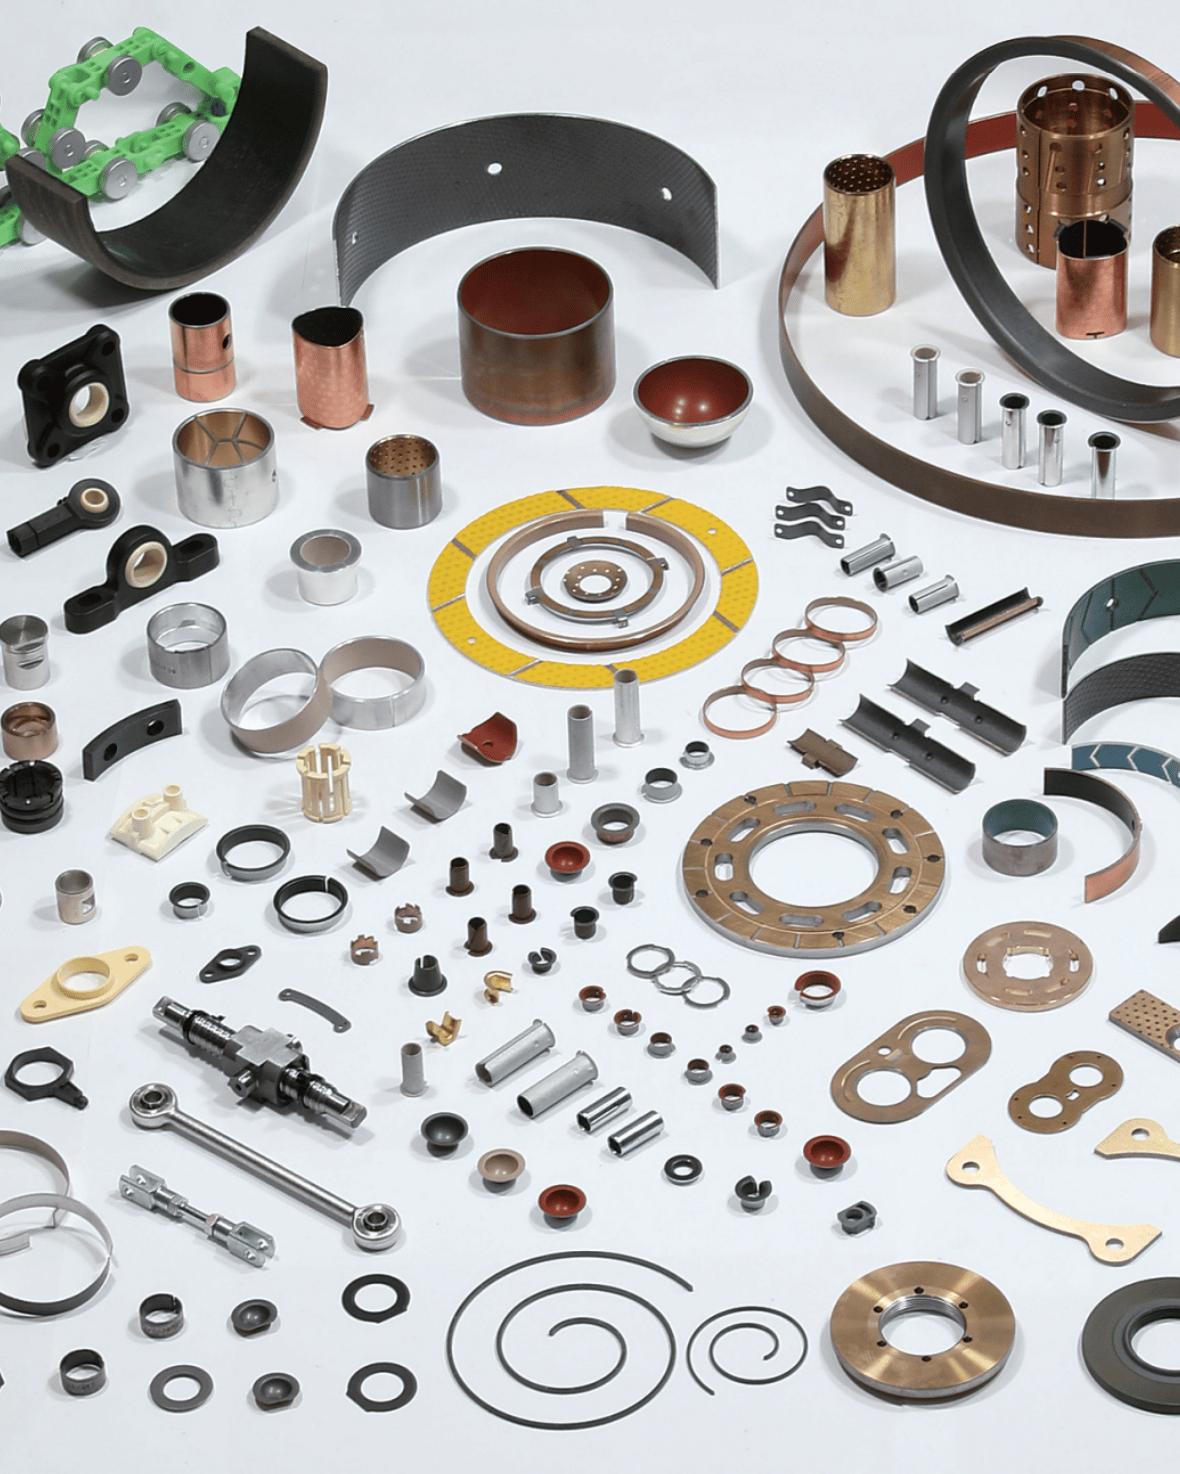 Metal polymer composite plain bearings bushing washer